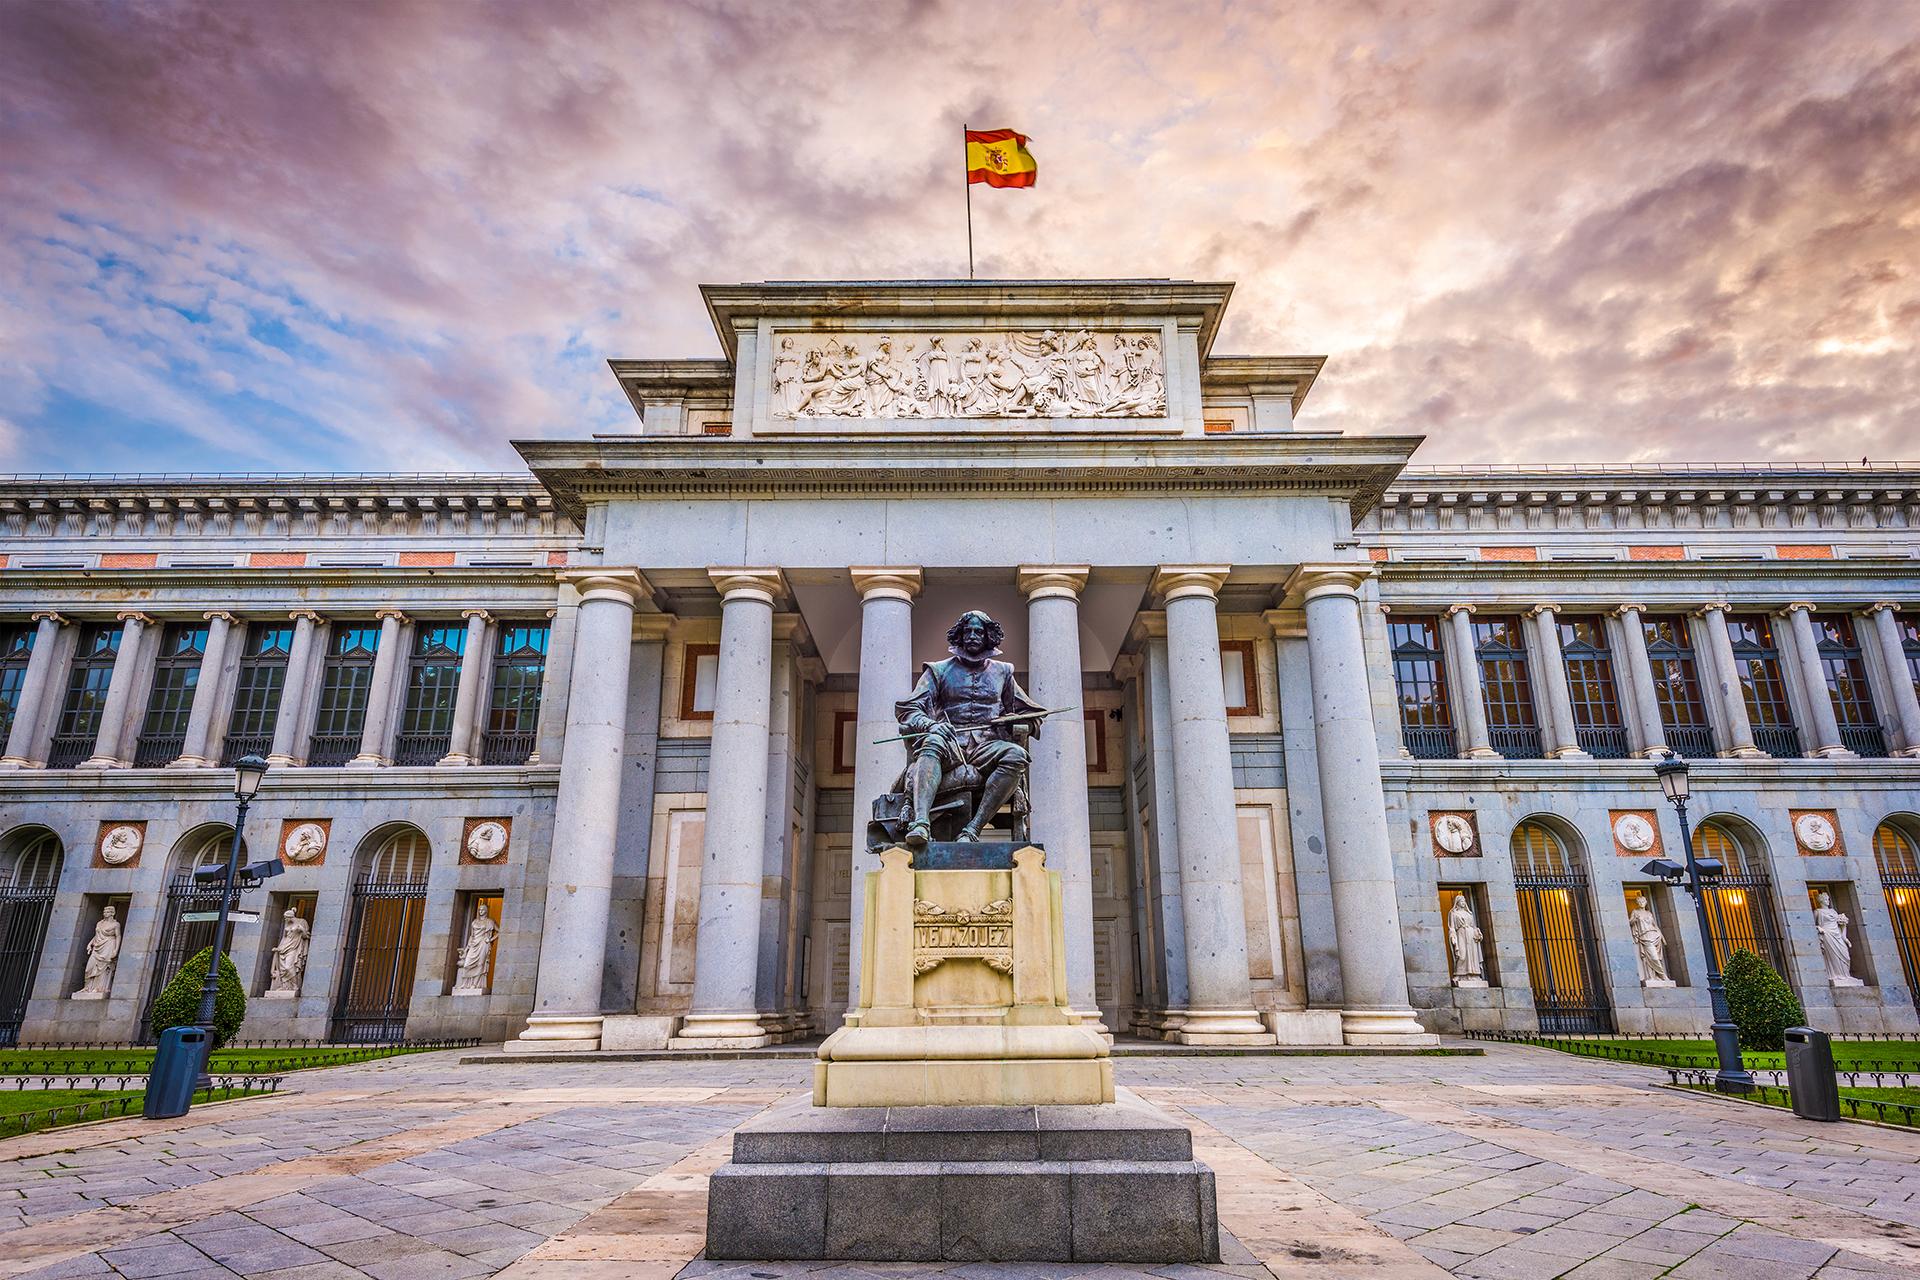 Qué ver y hacer en Madrid - Museo del Prado | Foto: Sean Pavone | Dreamstime.com